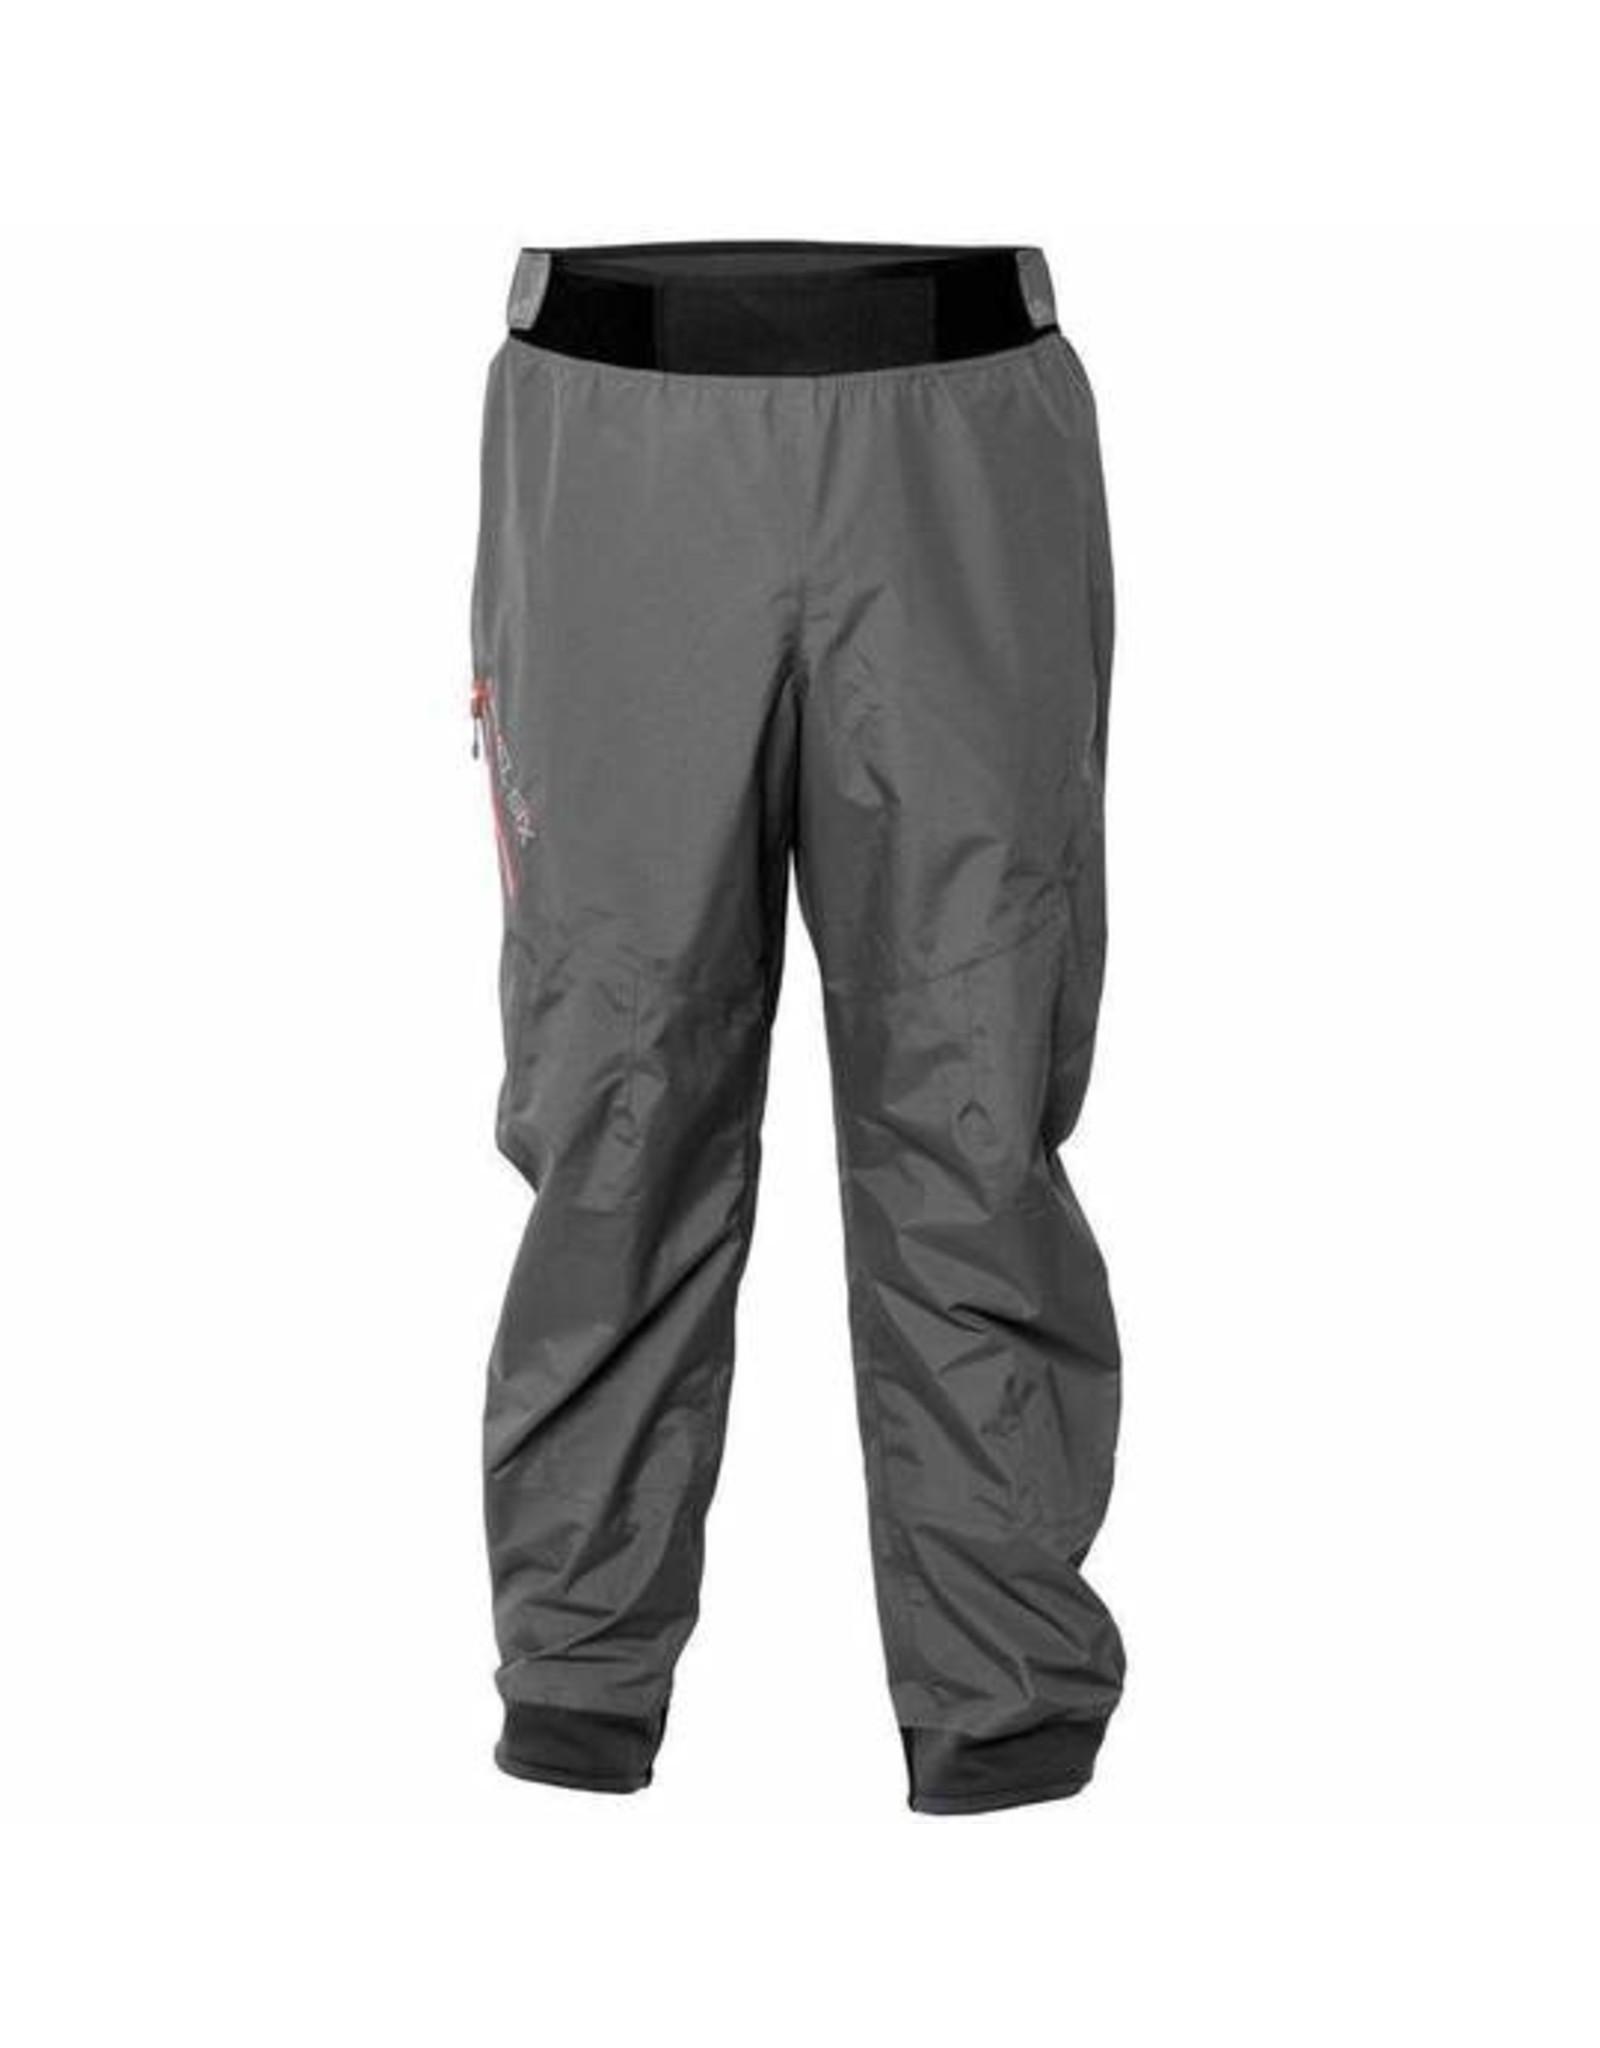 Level Six Level Six Current - 2.5Ply Semi-Dry Pant